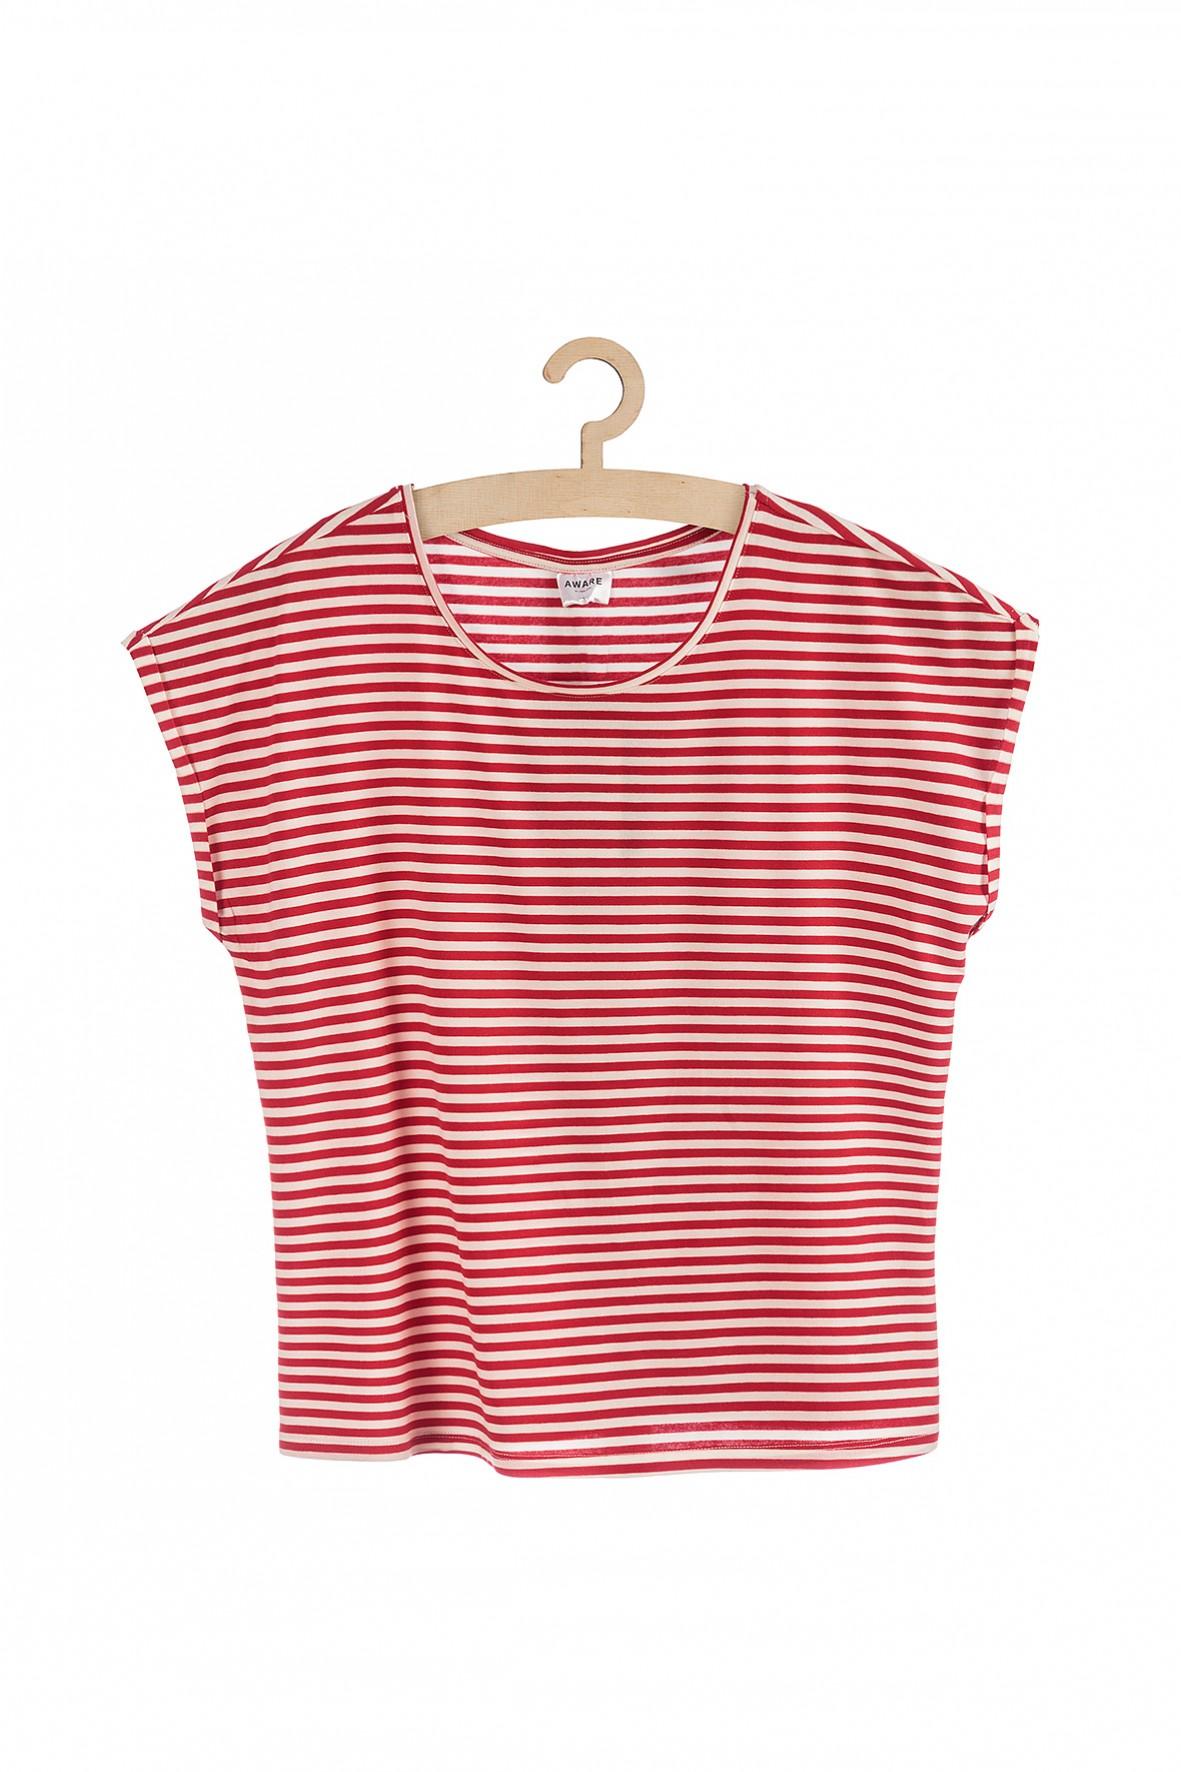 T-shirt damski w czerwono-biale paski